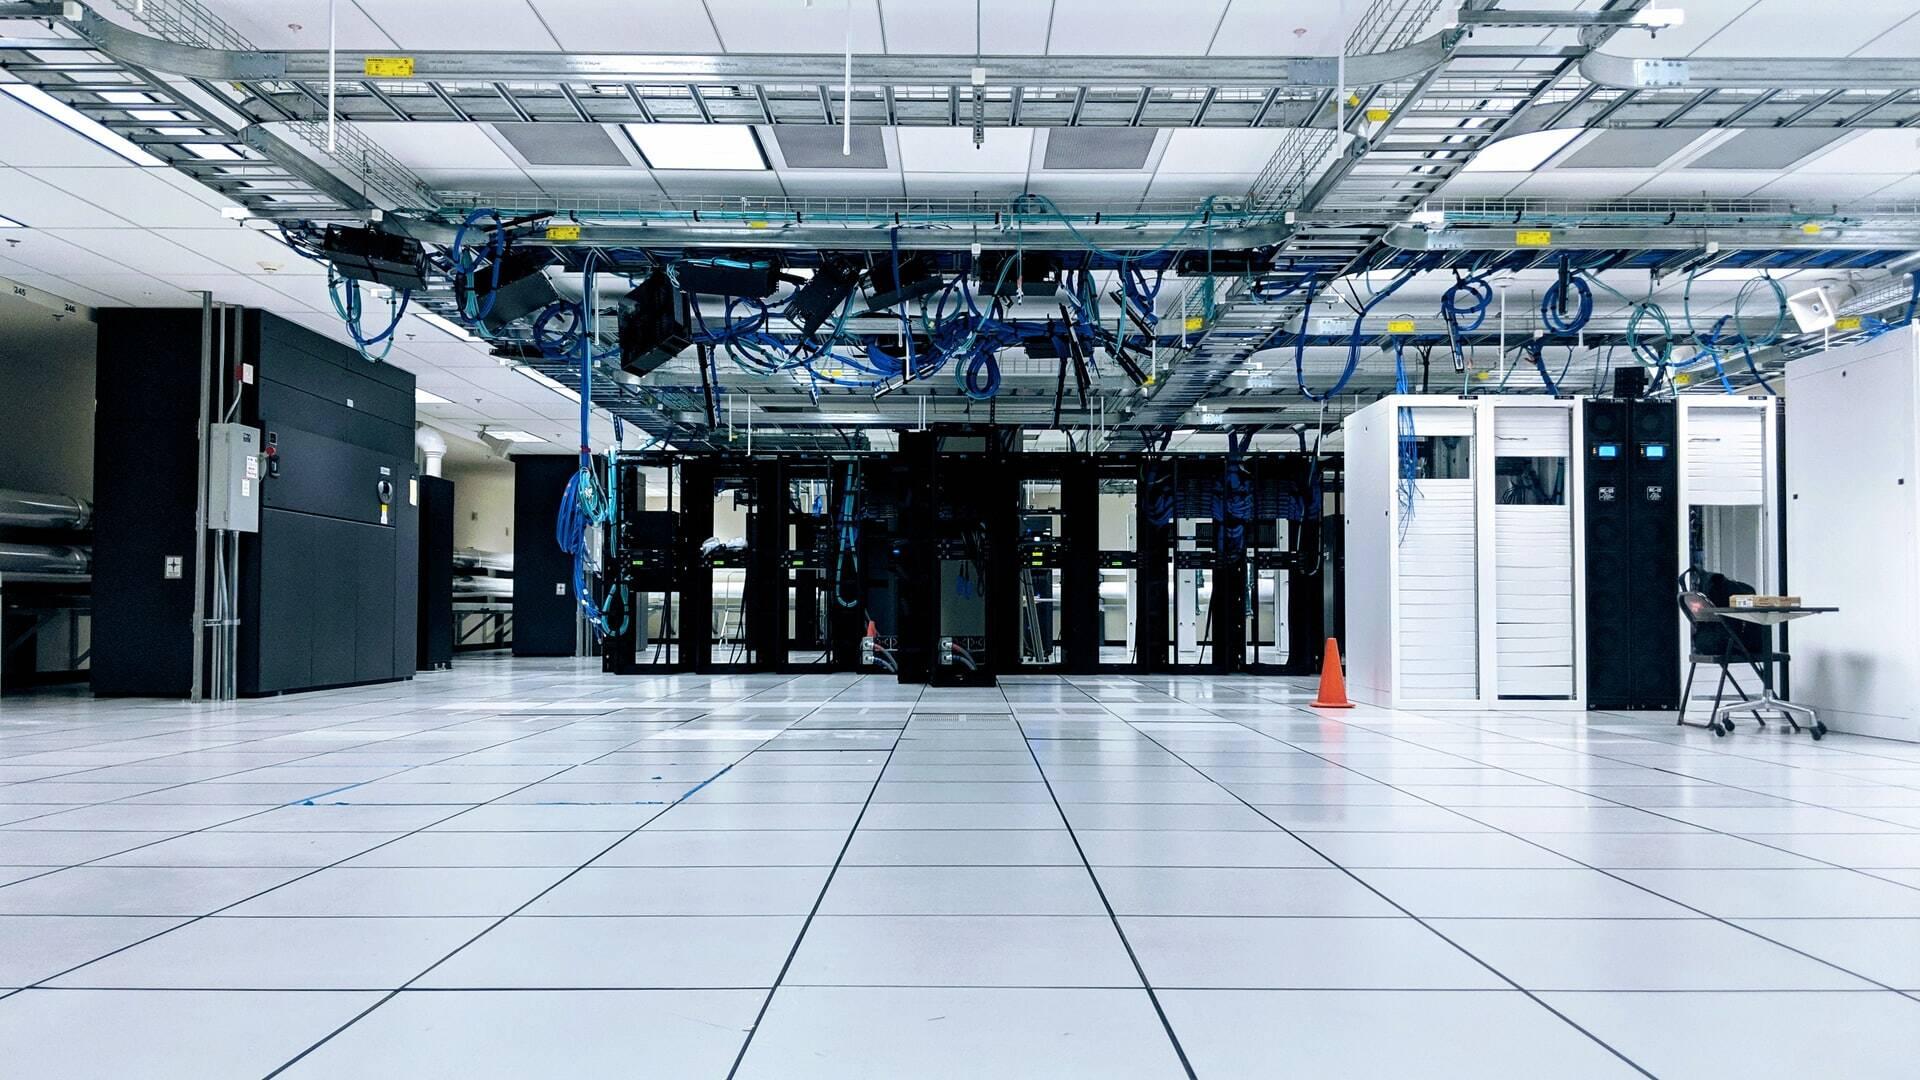 españa-le-apuesta-a-la-construccion-de-data-centers-1-alt